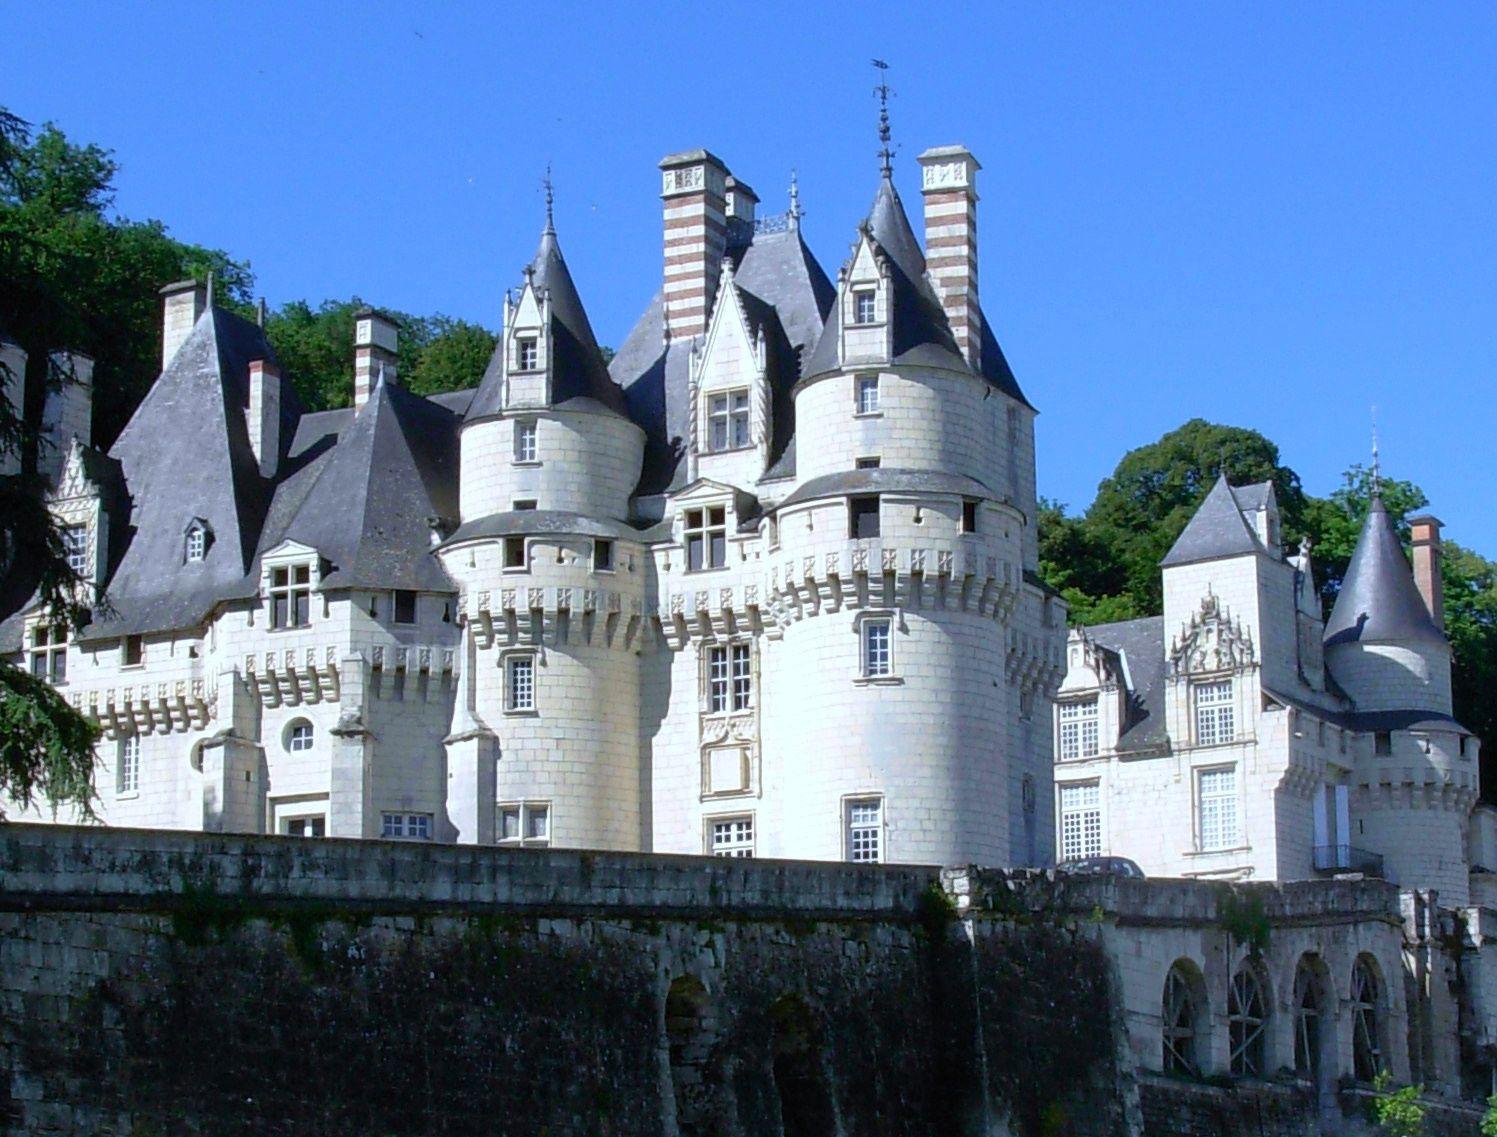 Le château d'Ussé qui inspira Charles Perrault pour celui de la Belle au bois dormant.